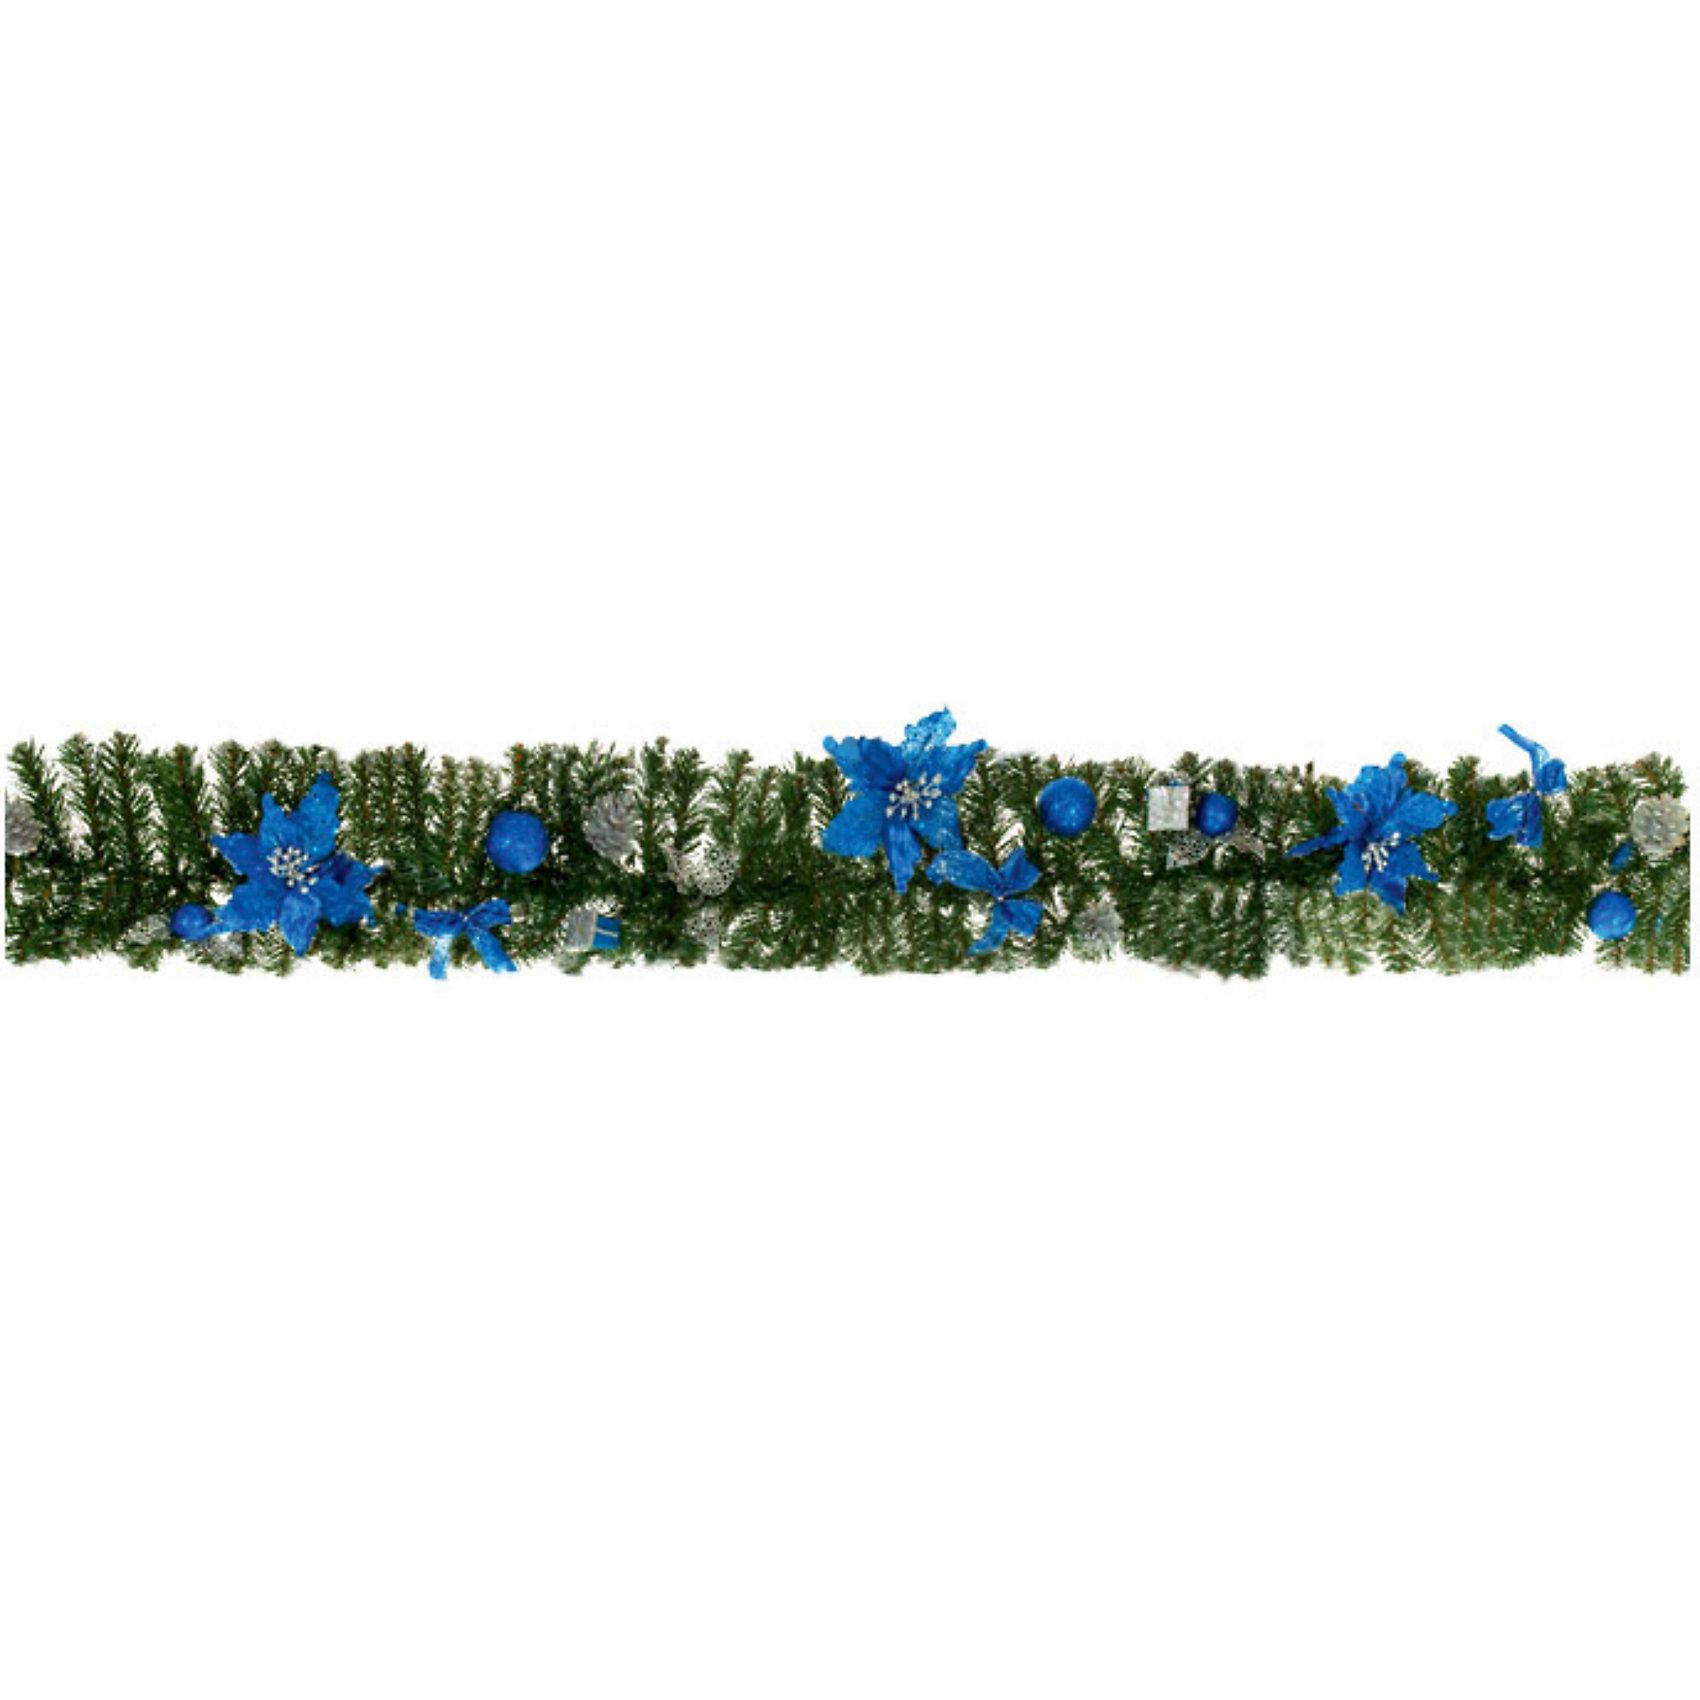 Гирлянда хвойная с синими украшениями, длина - 1,8мГирлянда хвойная с синими украшениями, длина - 1,8м станет прекрасным новогодним украшением для всей семьи! <br>Ваш малыш с удовольствием примет участие в украшении дома и проникнется атмосферой волшебства!<br><br>Дополнительная информация:<br><br>Гирлянда хвойная с синими украшениями, длина - 1,8м<br><br>Поможет всей семье поверить в новогоднее чудо!<br>Легко приобрести в нашем интернет-магазине!<br><br>Ширина мм: 180<br>Глубина мм: 200<br>Высота мм: 100<br>Вес г: 640<br>Возраст от месяцев: 36<br>Возраст до месяцев: 144<br>Пол: Унисекс<br>Возраст: Детский<br>SKU: 3368346